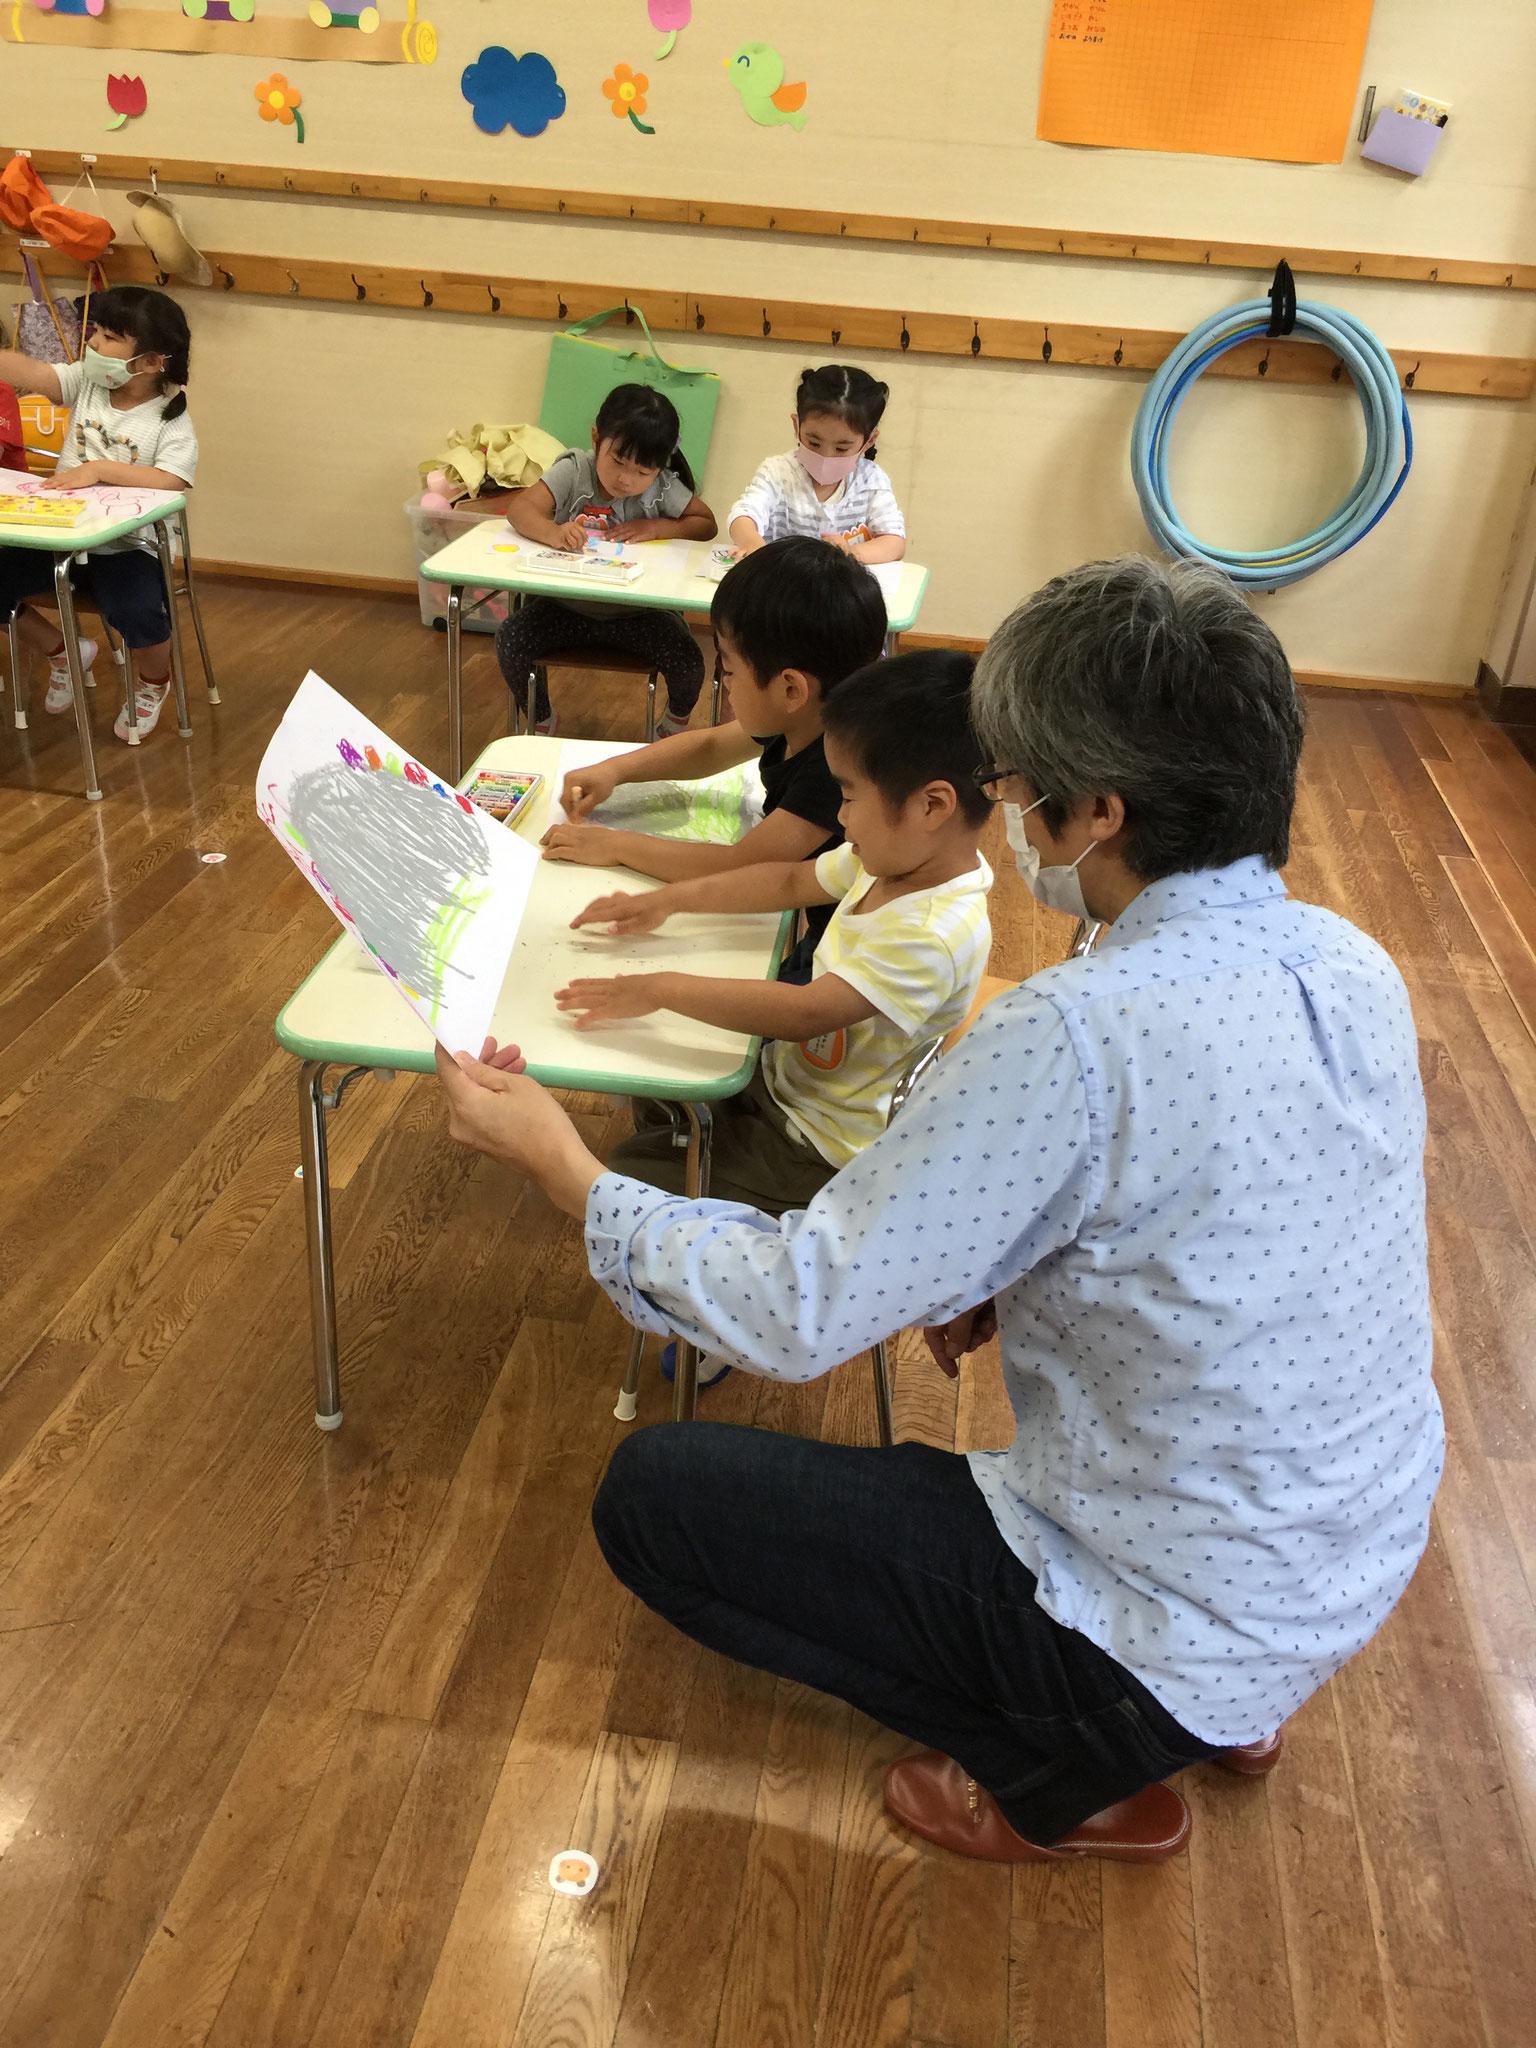 絵画の指導をして頂く「高島先生」